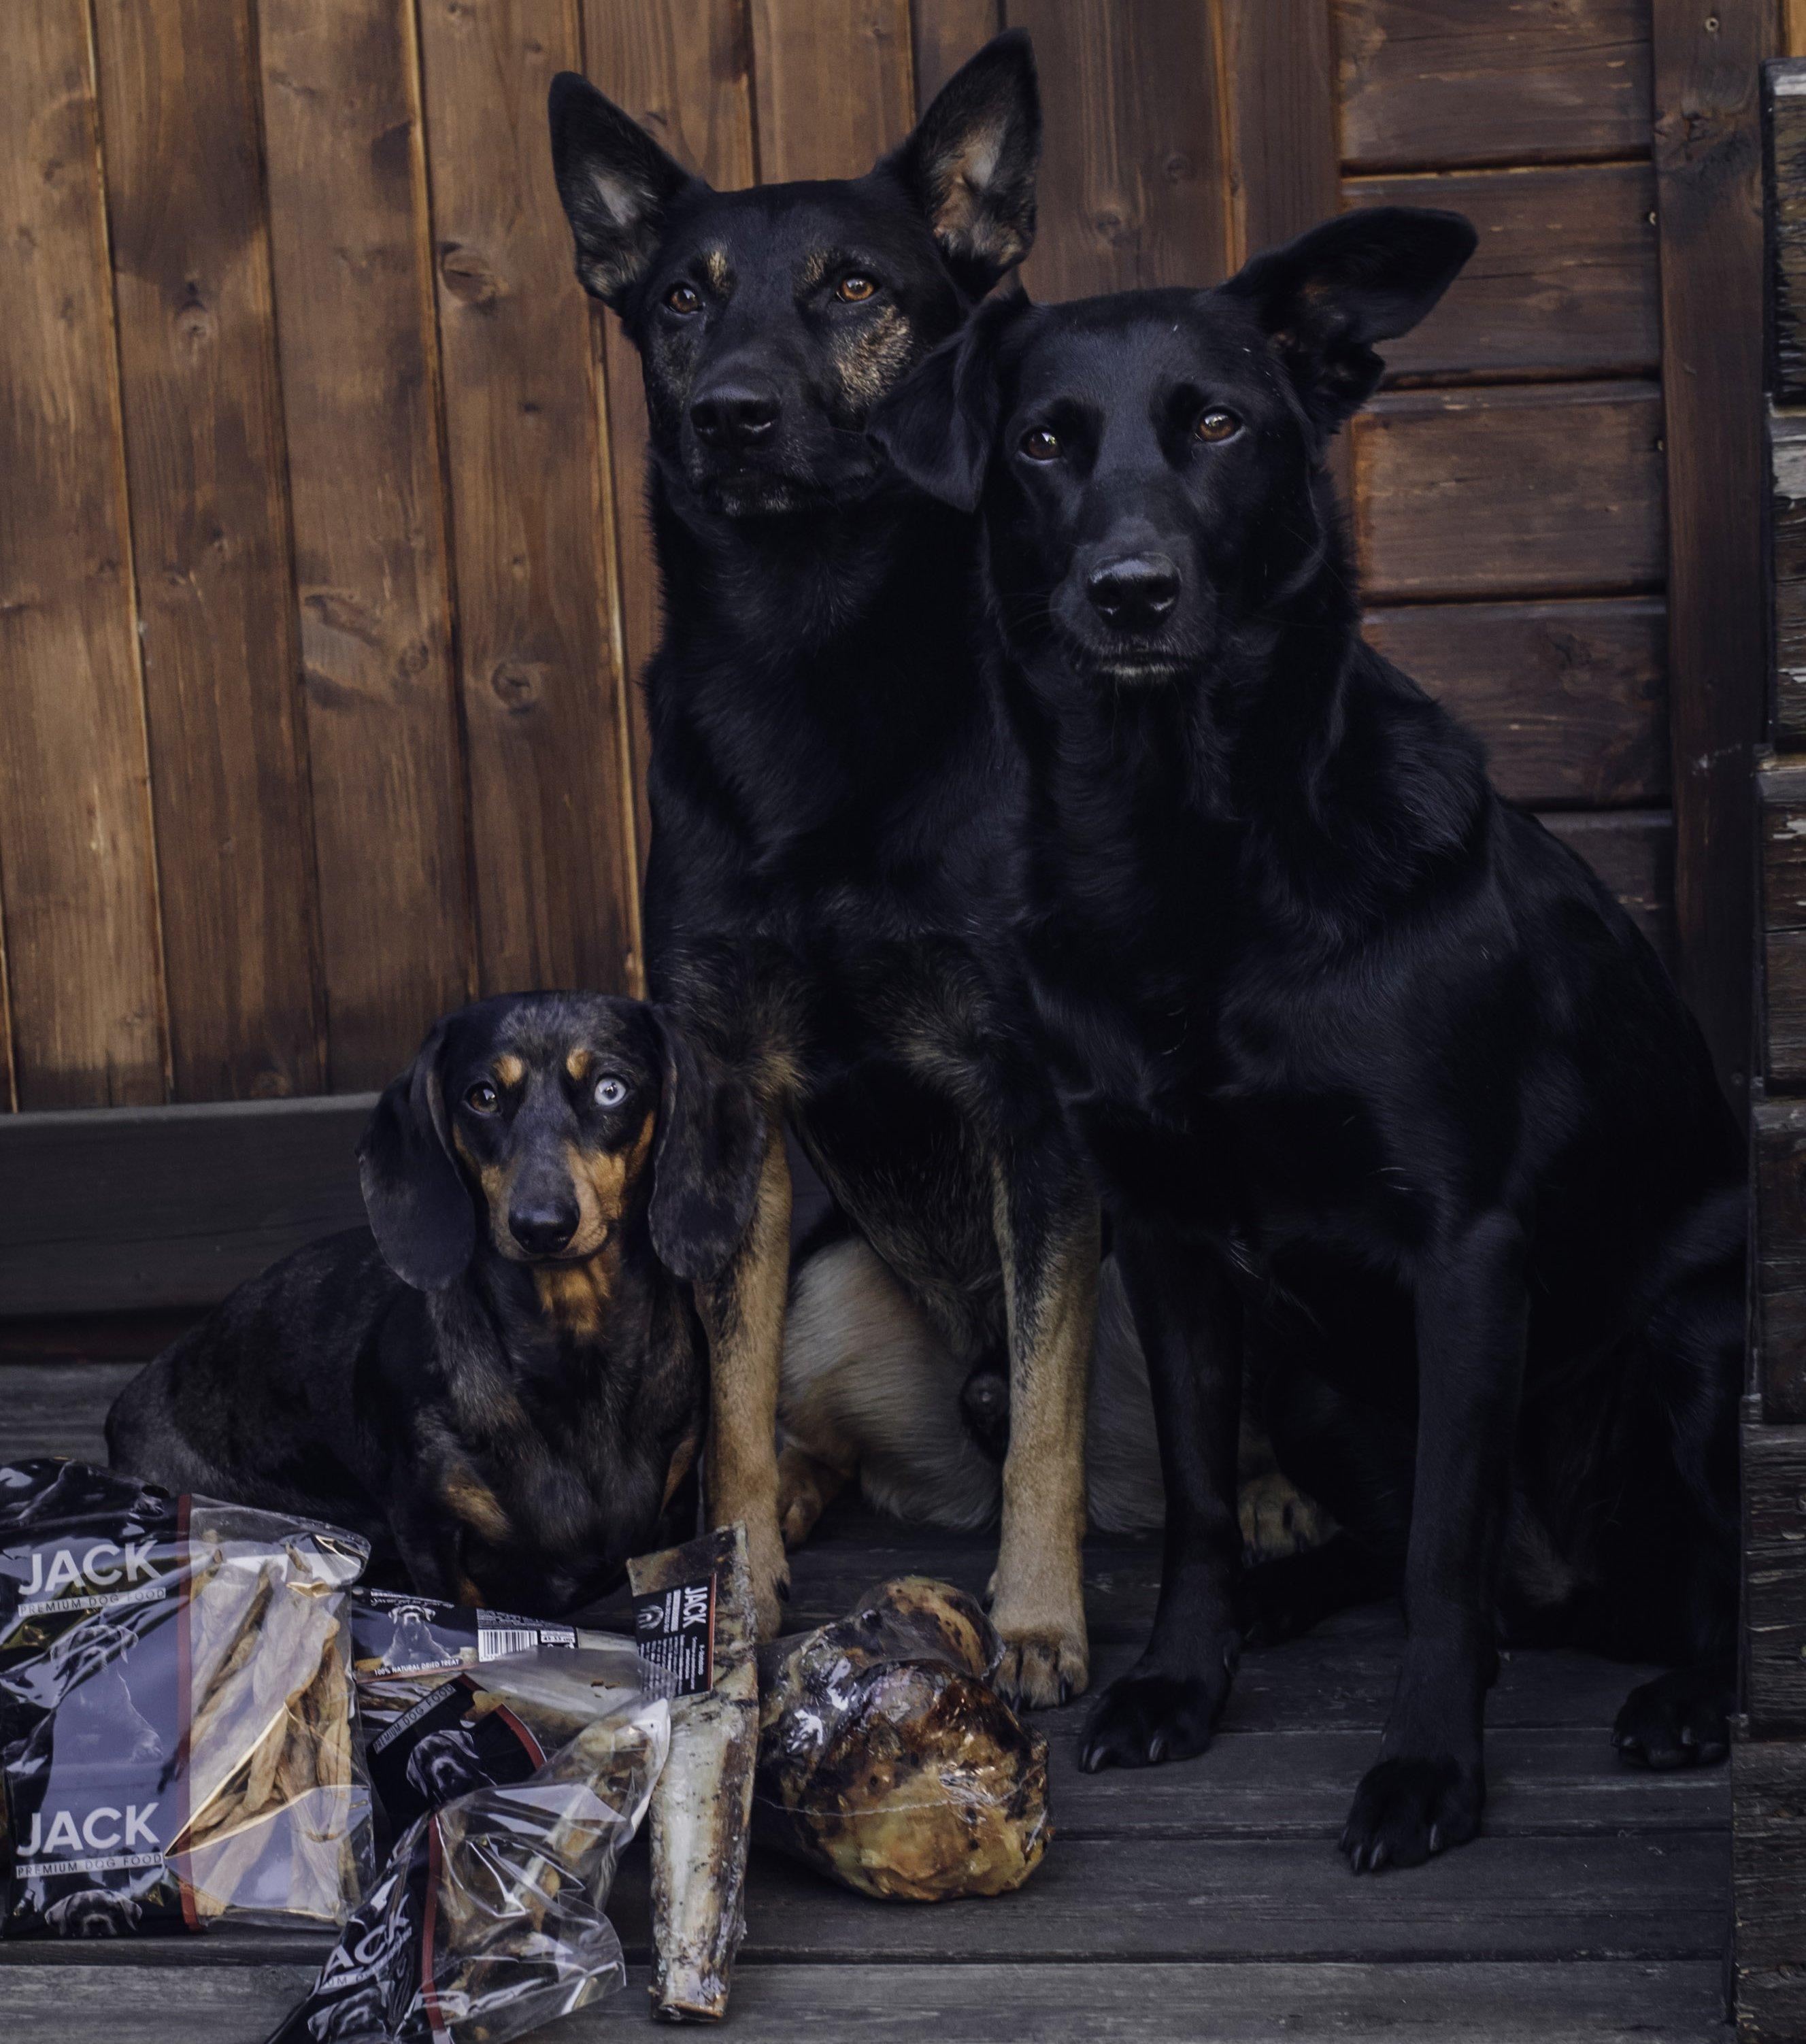 3 fekete kutyaforrás: 2blackdogsview instagram oldala